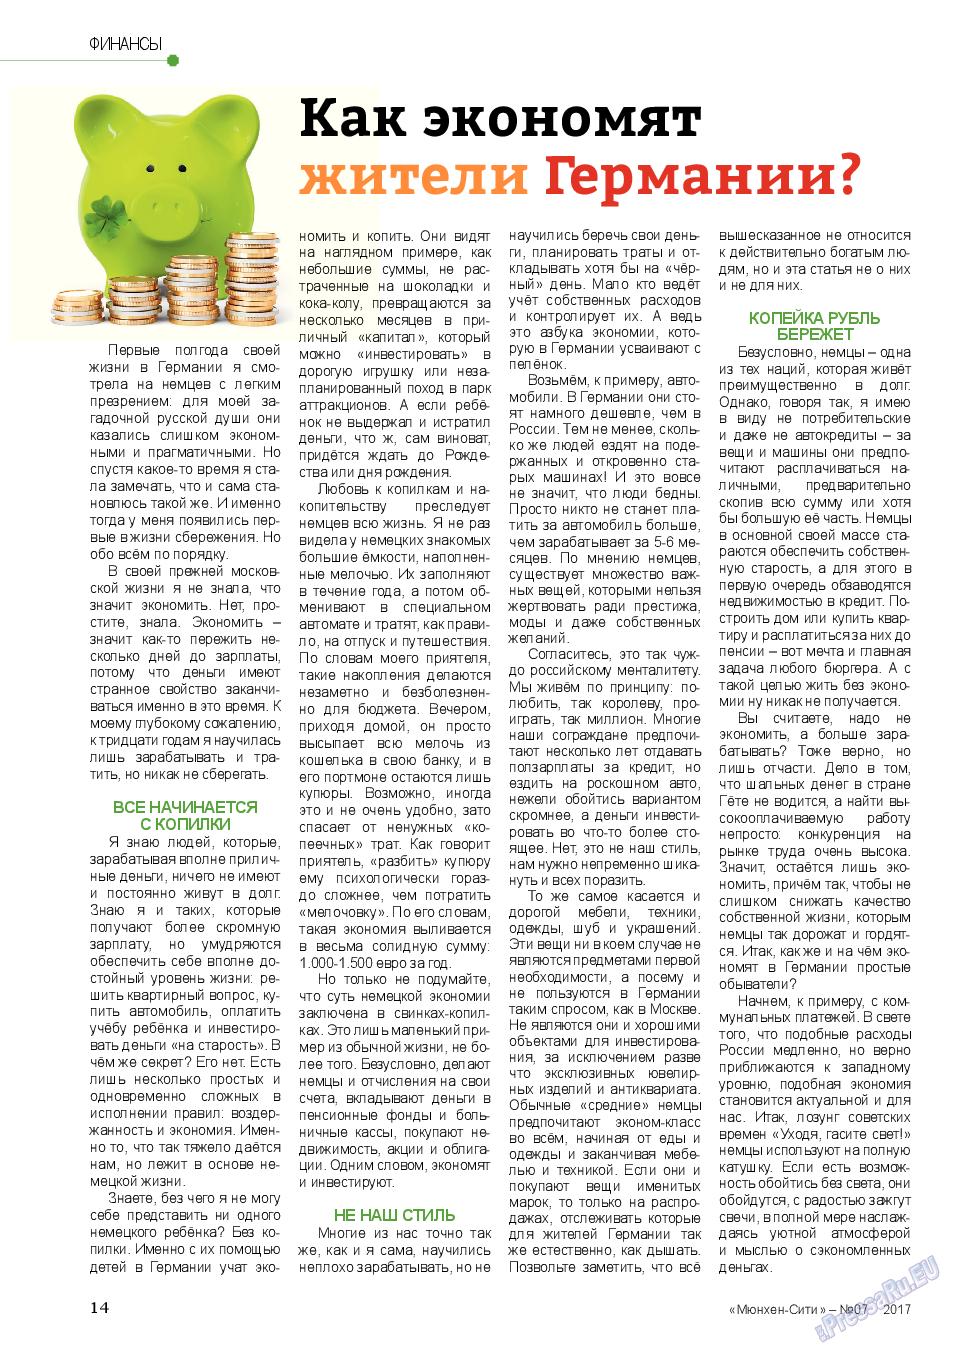 Мюнхен-сити (журнал). 2017 год, номер 7, стр. 14